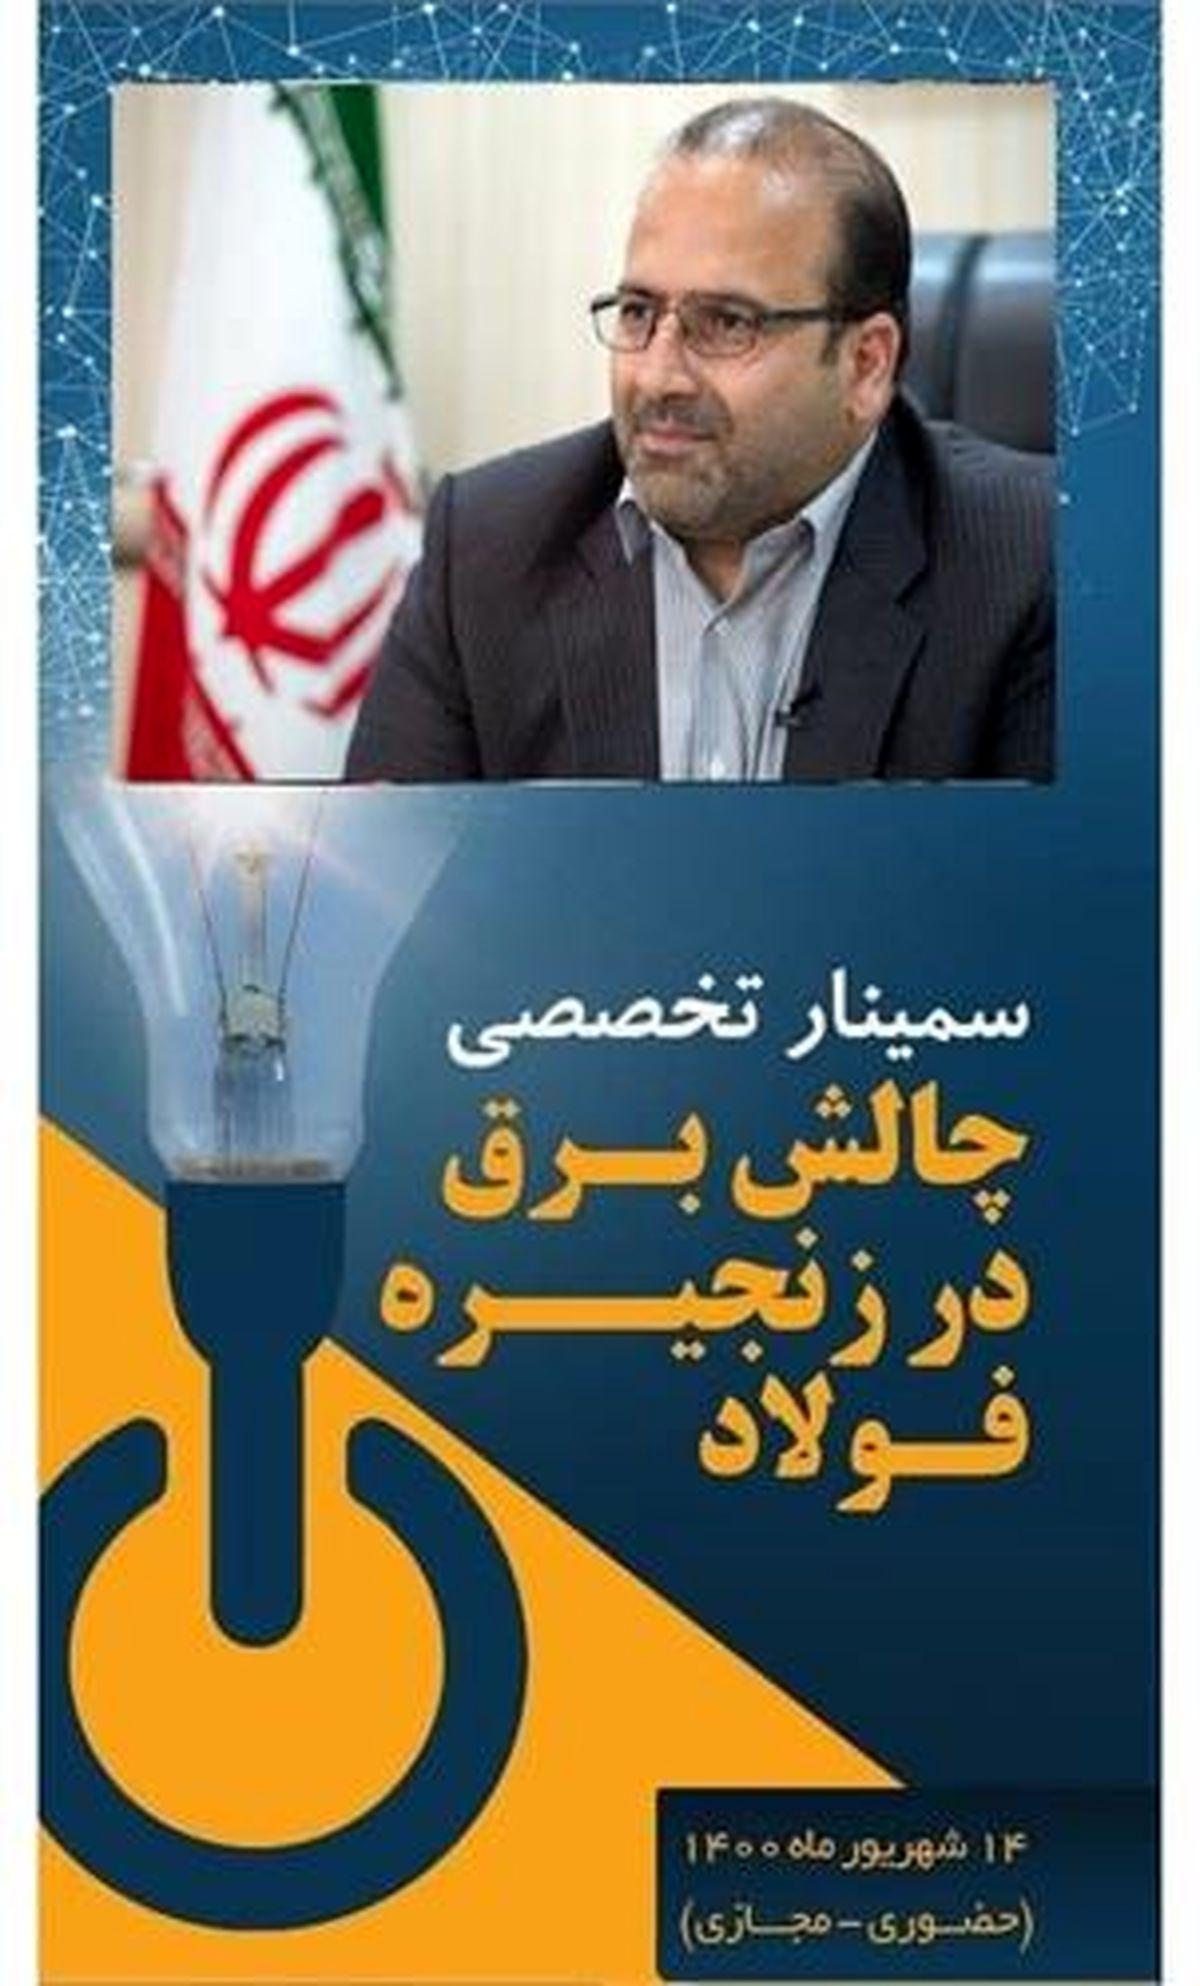 سخنرانی مدیرعامل فولاد خوزستان در سمینار چالش برق در زنجیره فولاد